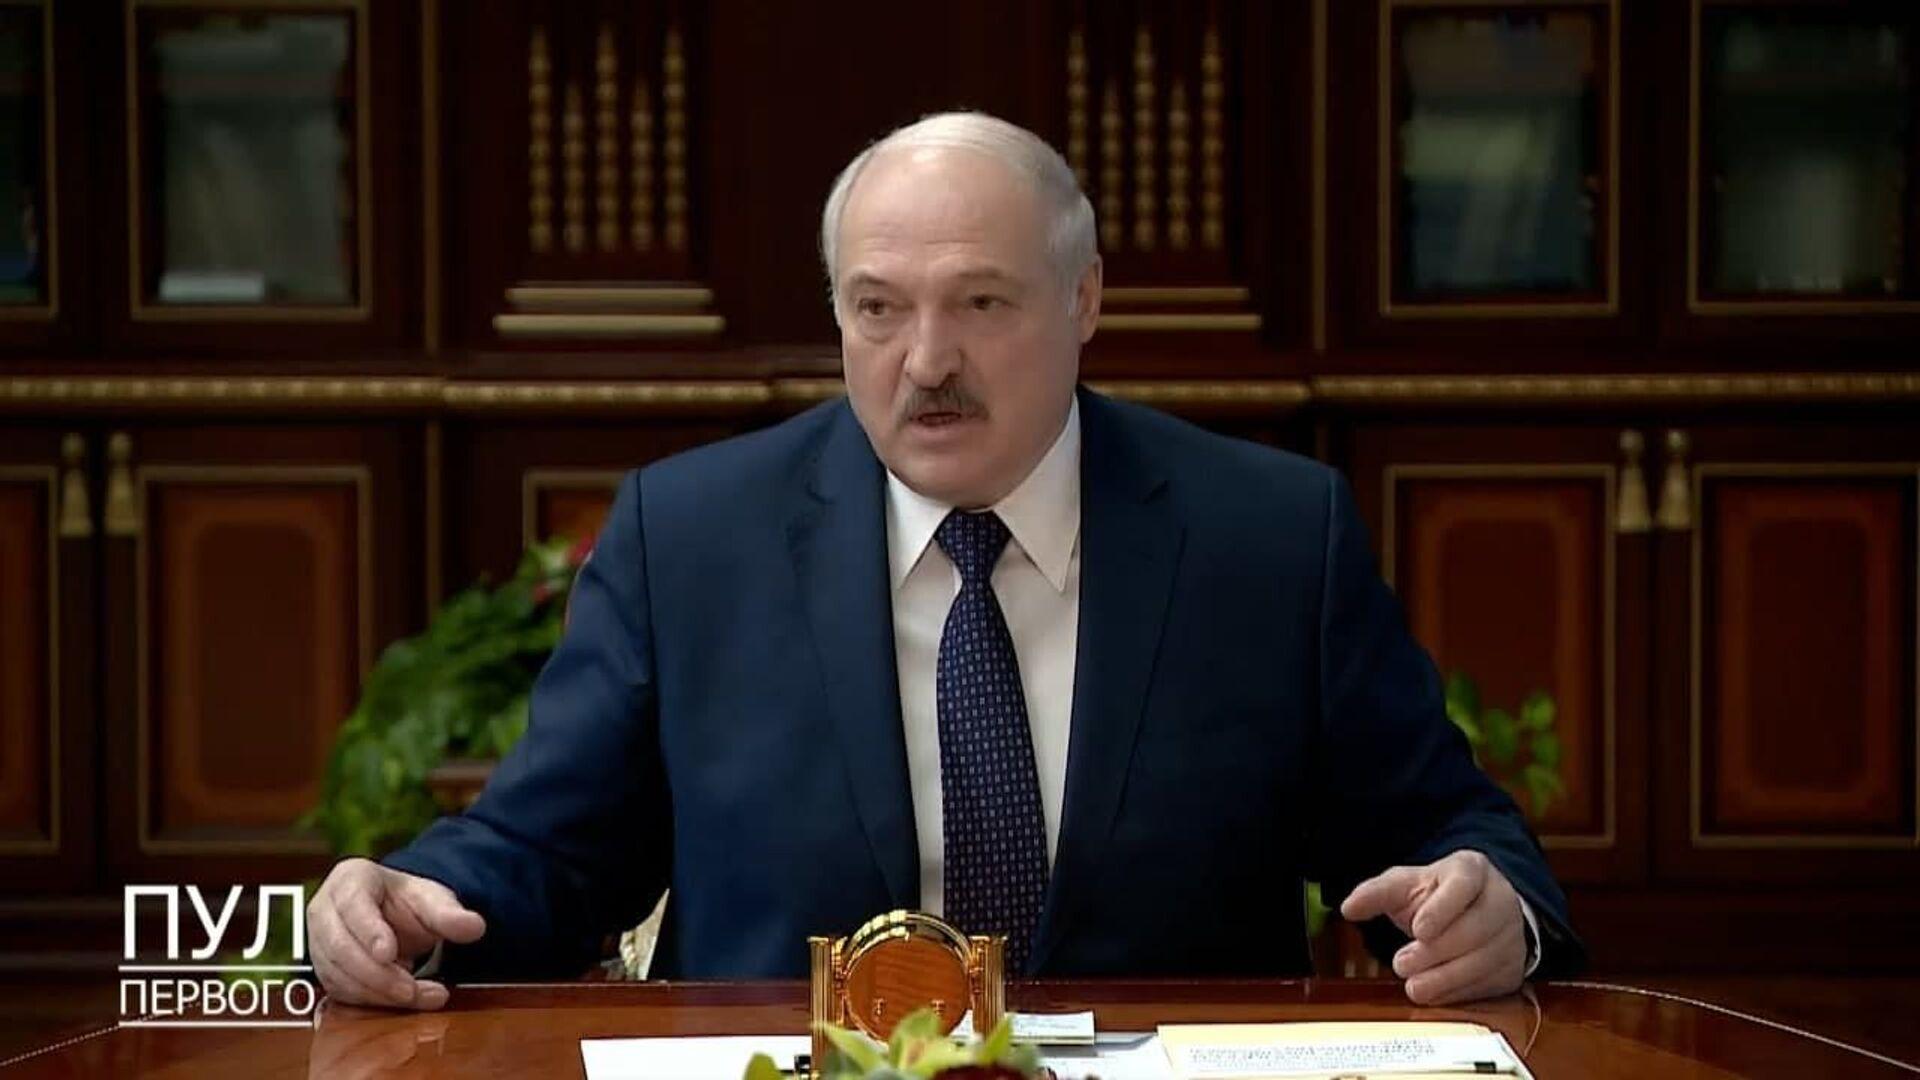 Лукашенко назвал брехней и выдумками публикации о встрече в Сочи - Sputnik Беларусь, 1920, 02.03.2021